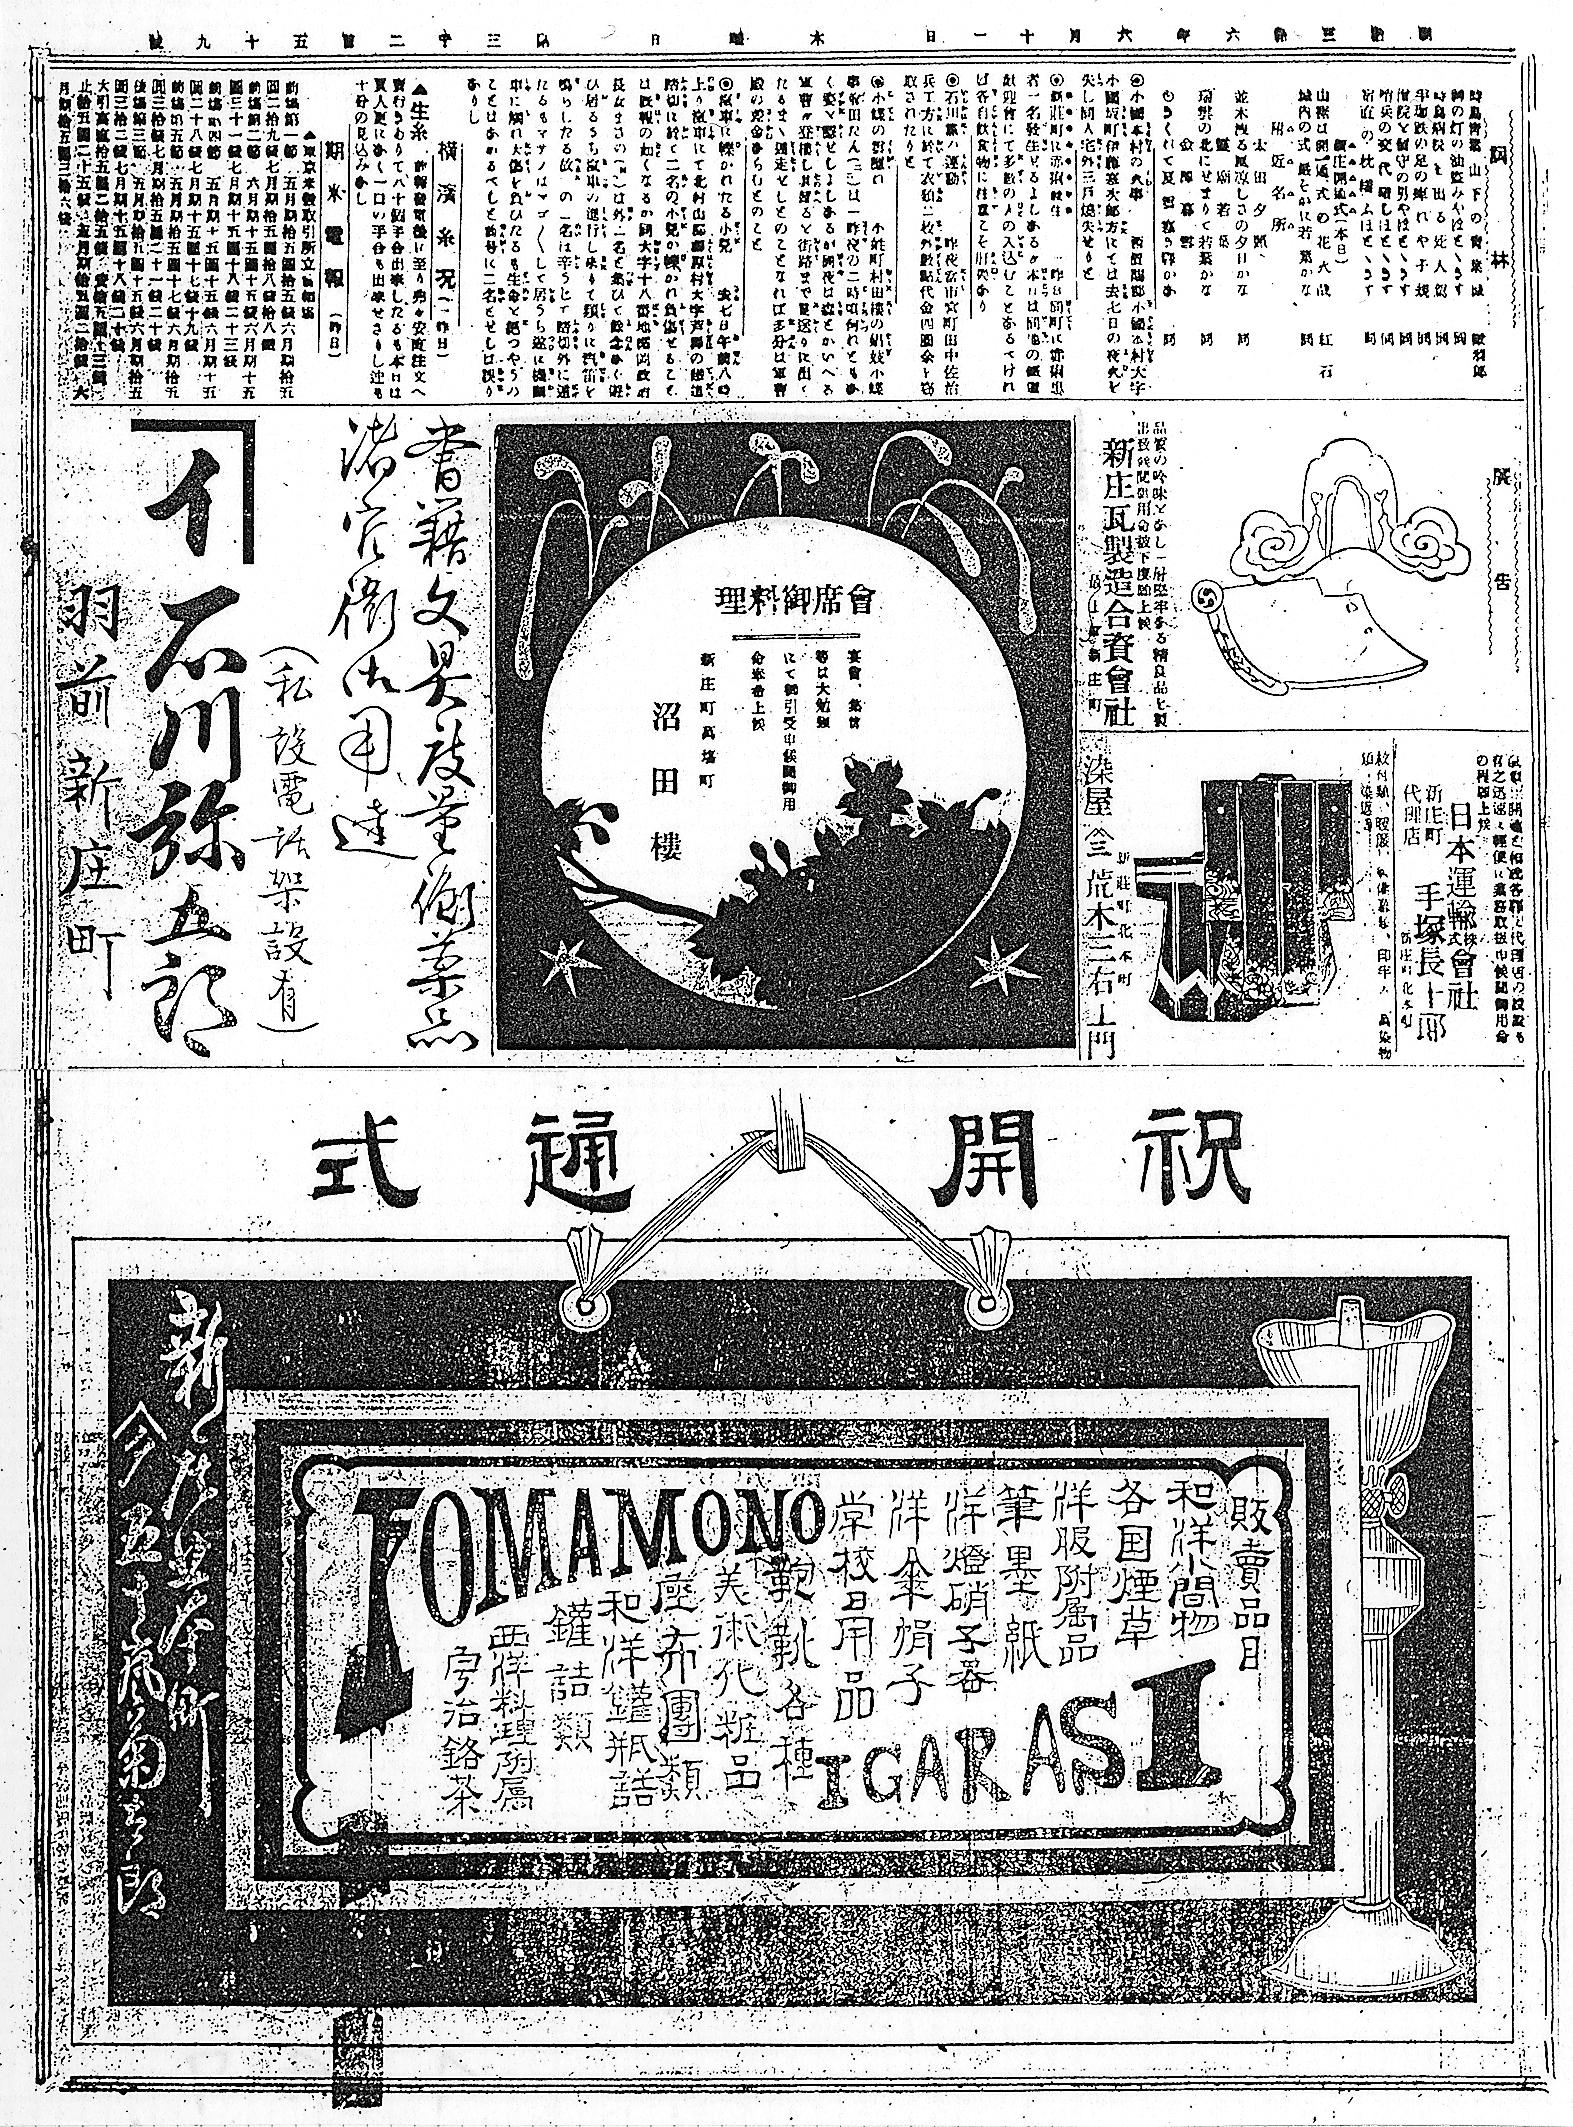 鉄道開通祝い新聞広告